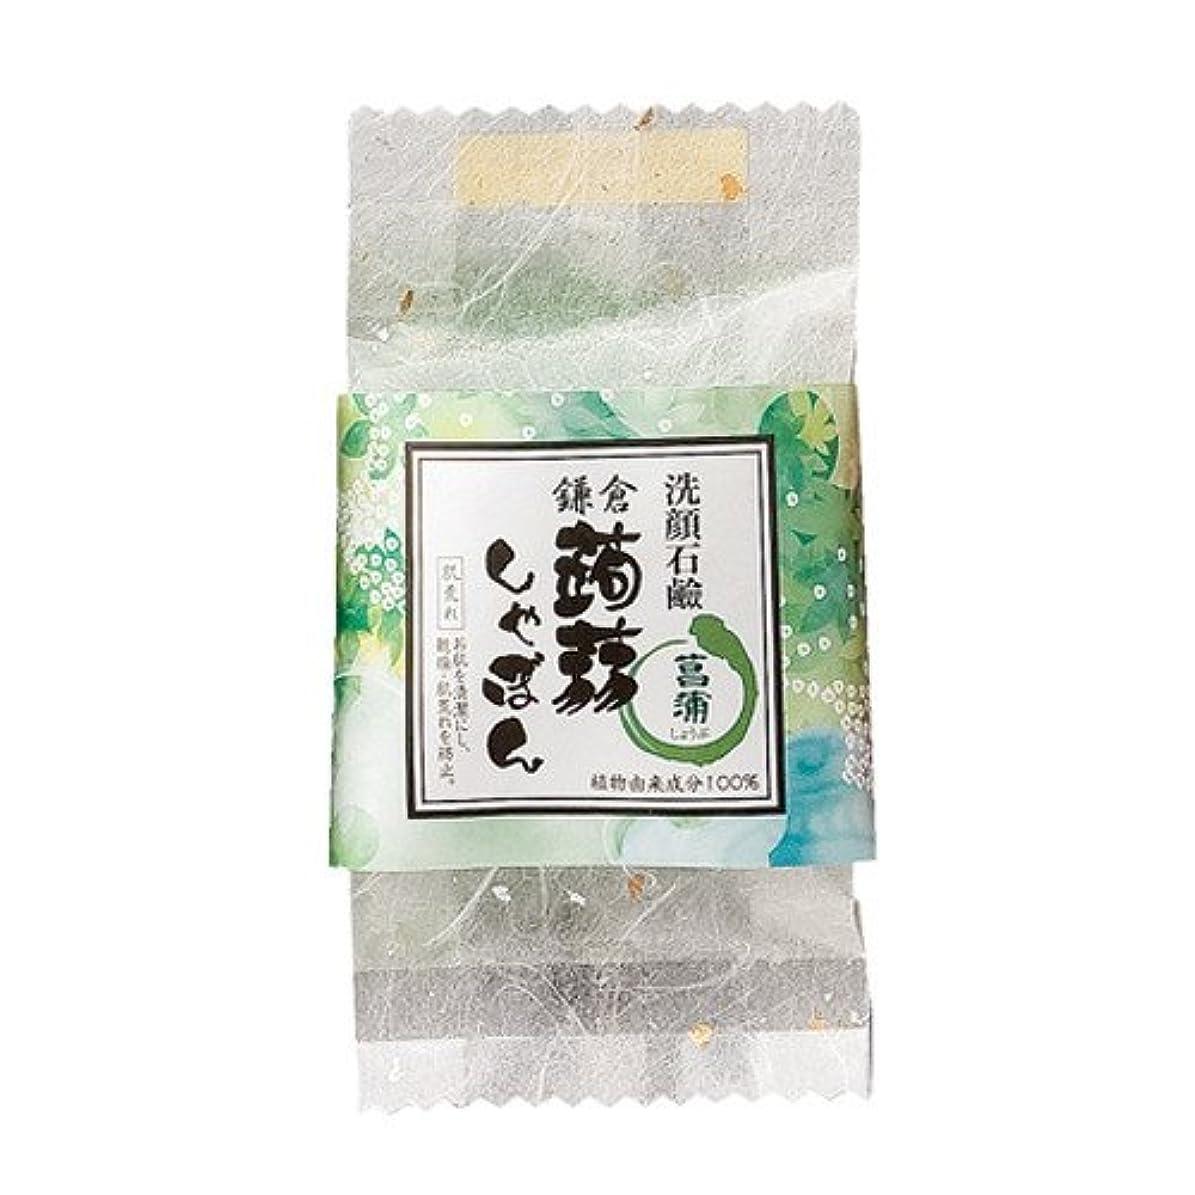 シート住居広げる鎌倉 蒟蒻しゃぼん 菖蒲